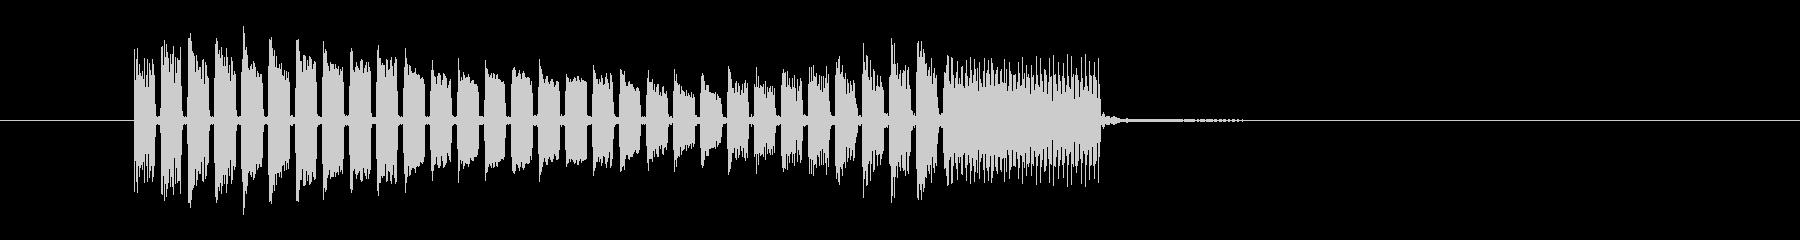 音楽電子シーケンス-音楽アクセント...の未再生の波形